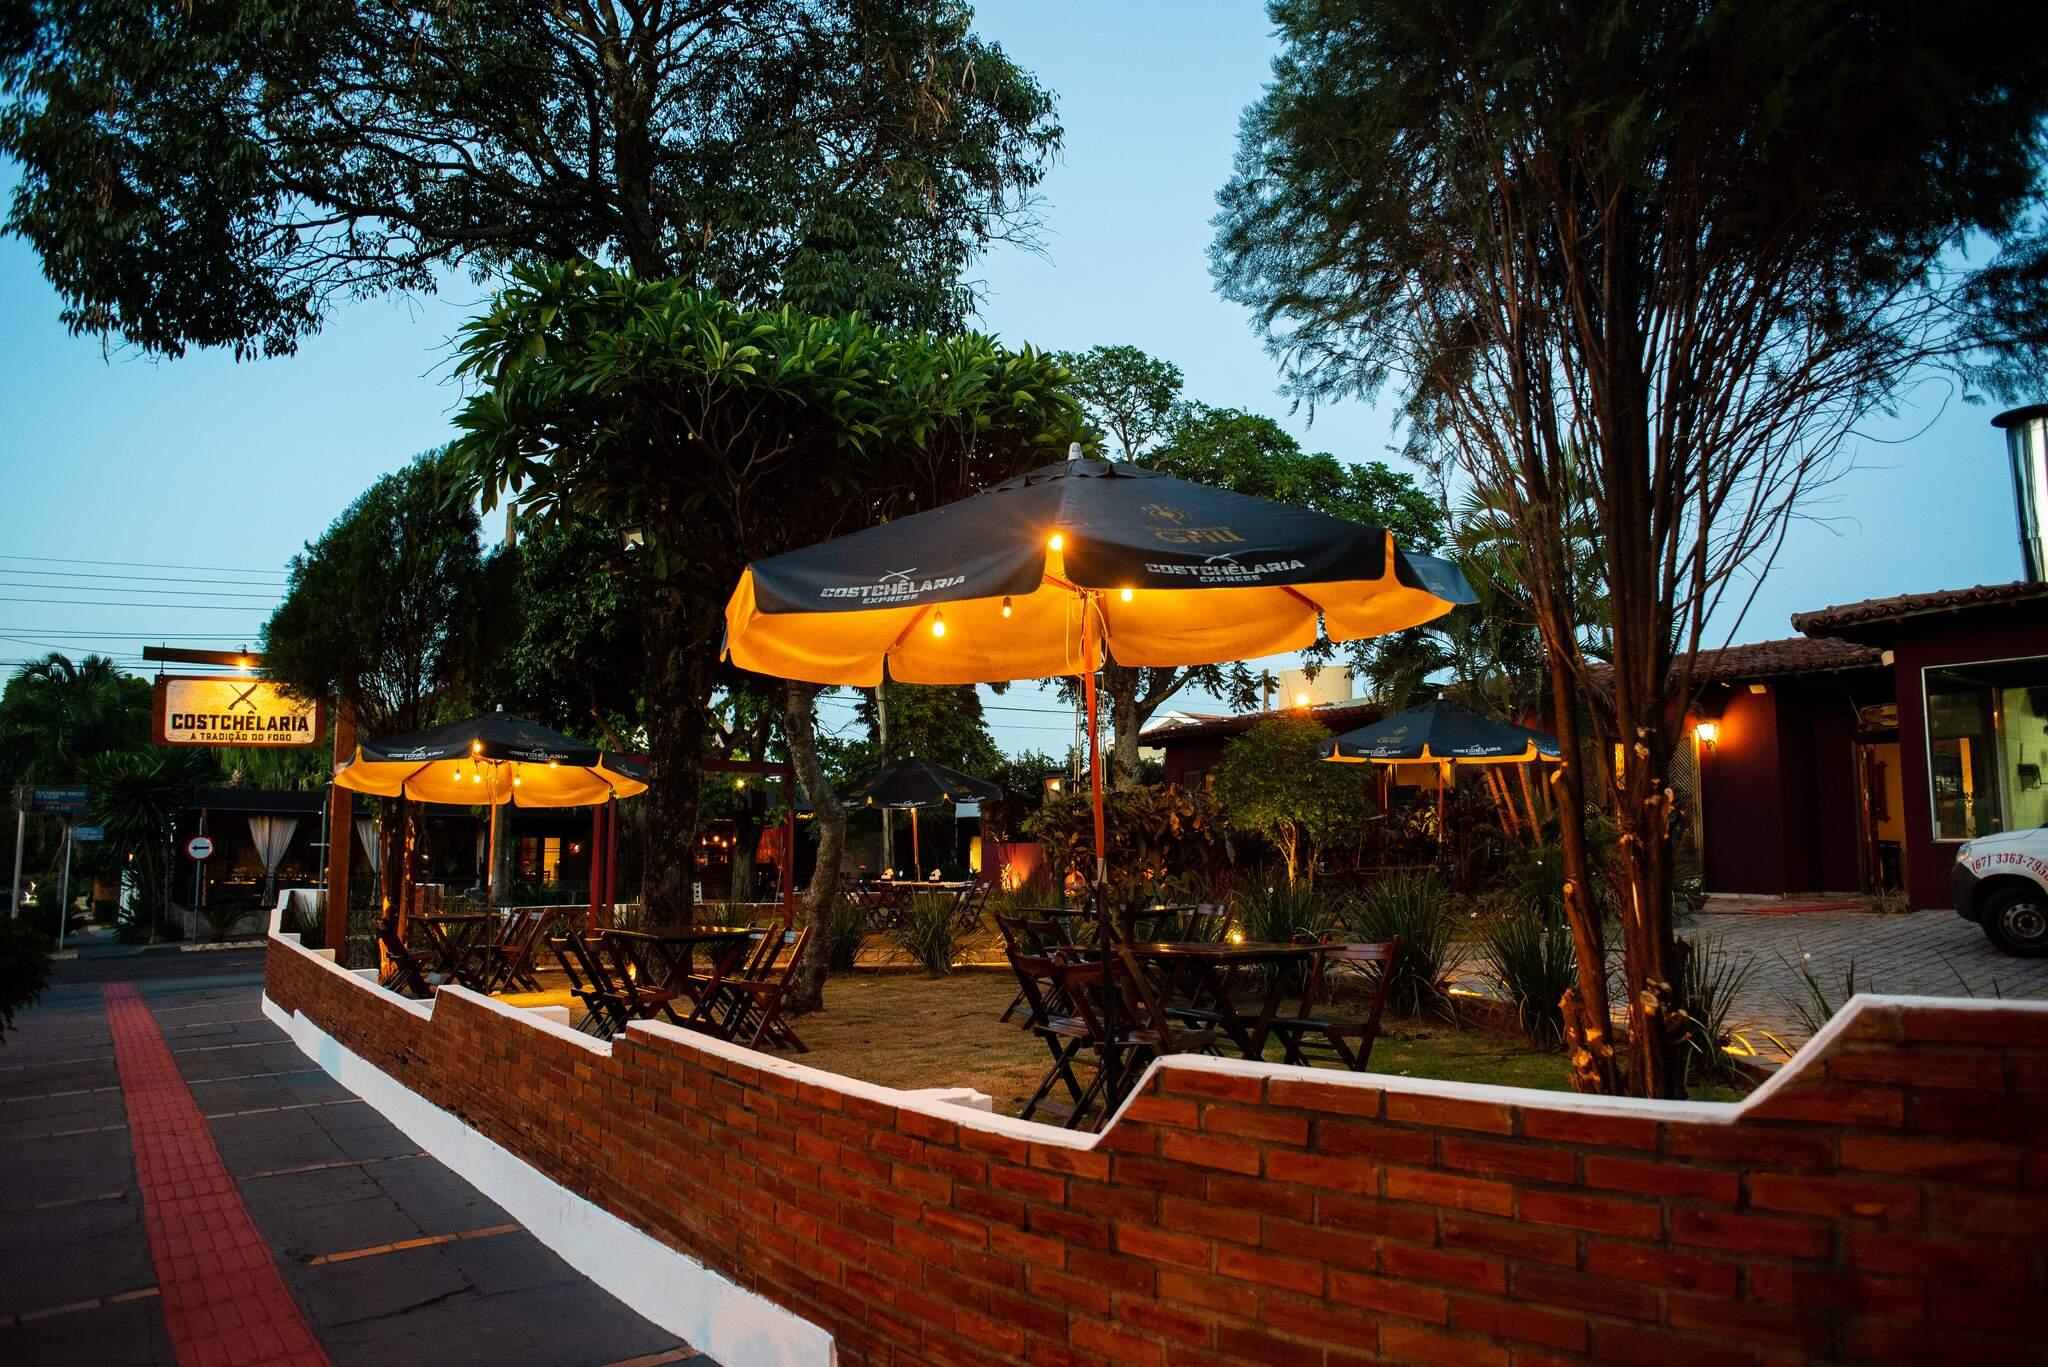 A Costchêlaria fica na rua Espírito Santo, 726 - Jardim dos Estados. ( Foto: Beto Nascimento)